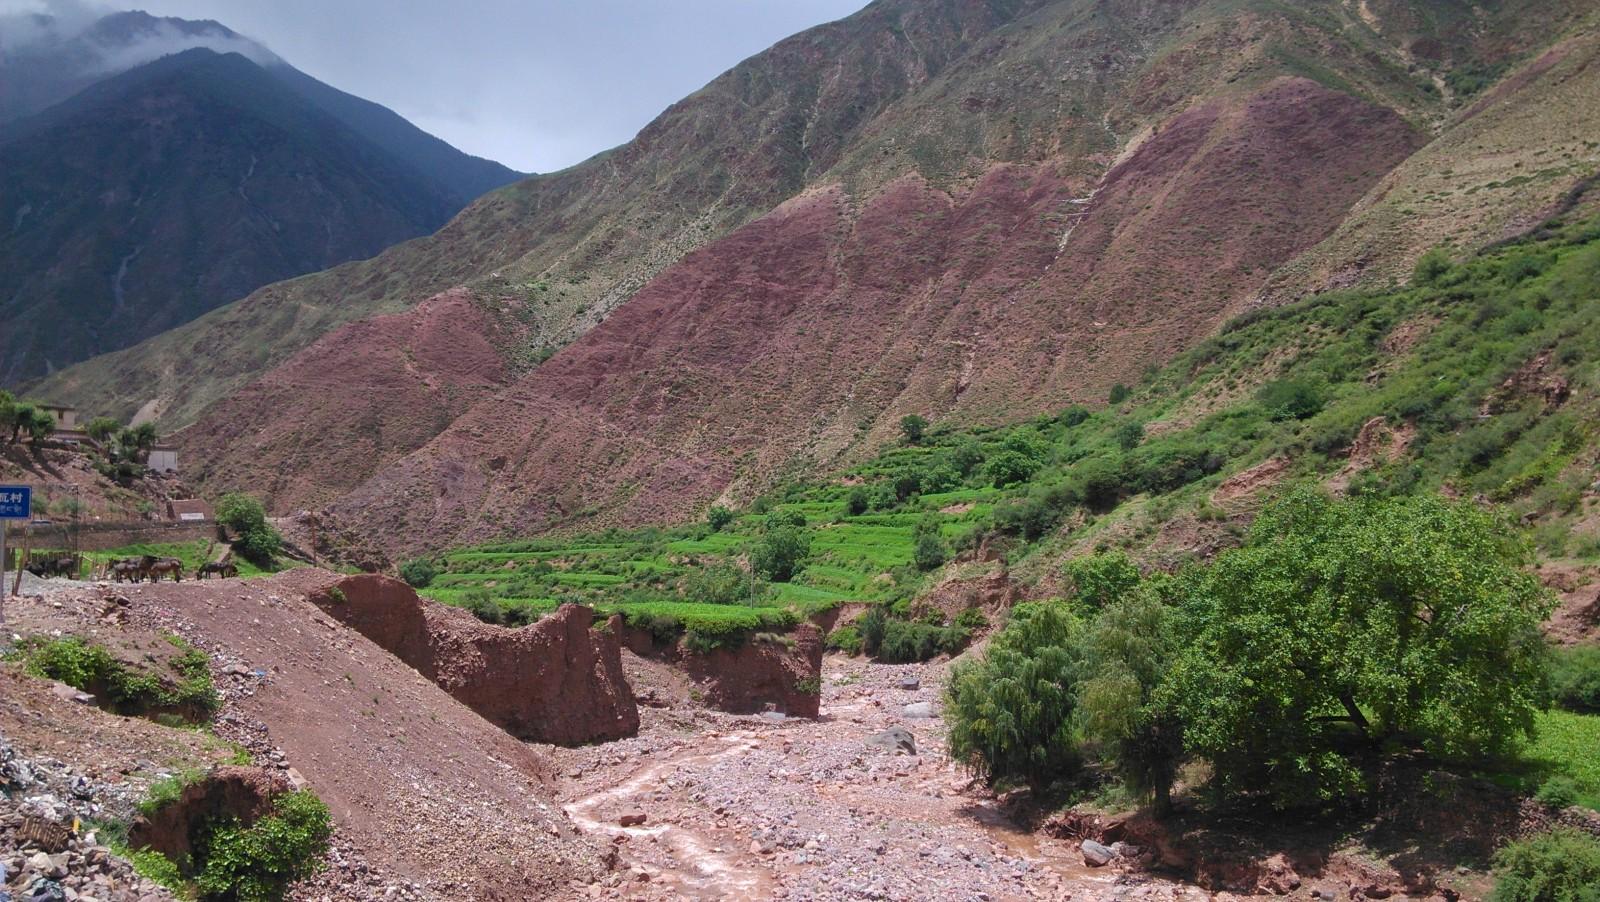 被河流冲蚀的山谷,算是比较湿润的地带了哈proc,constraction